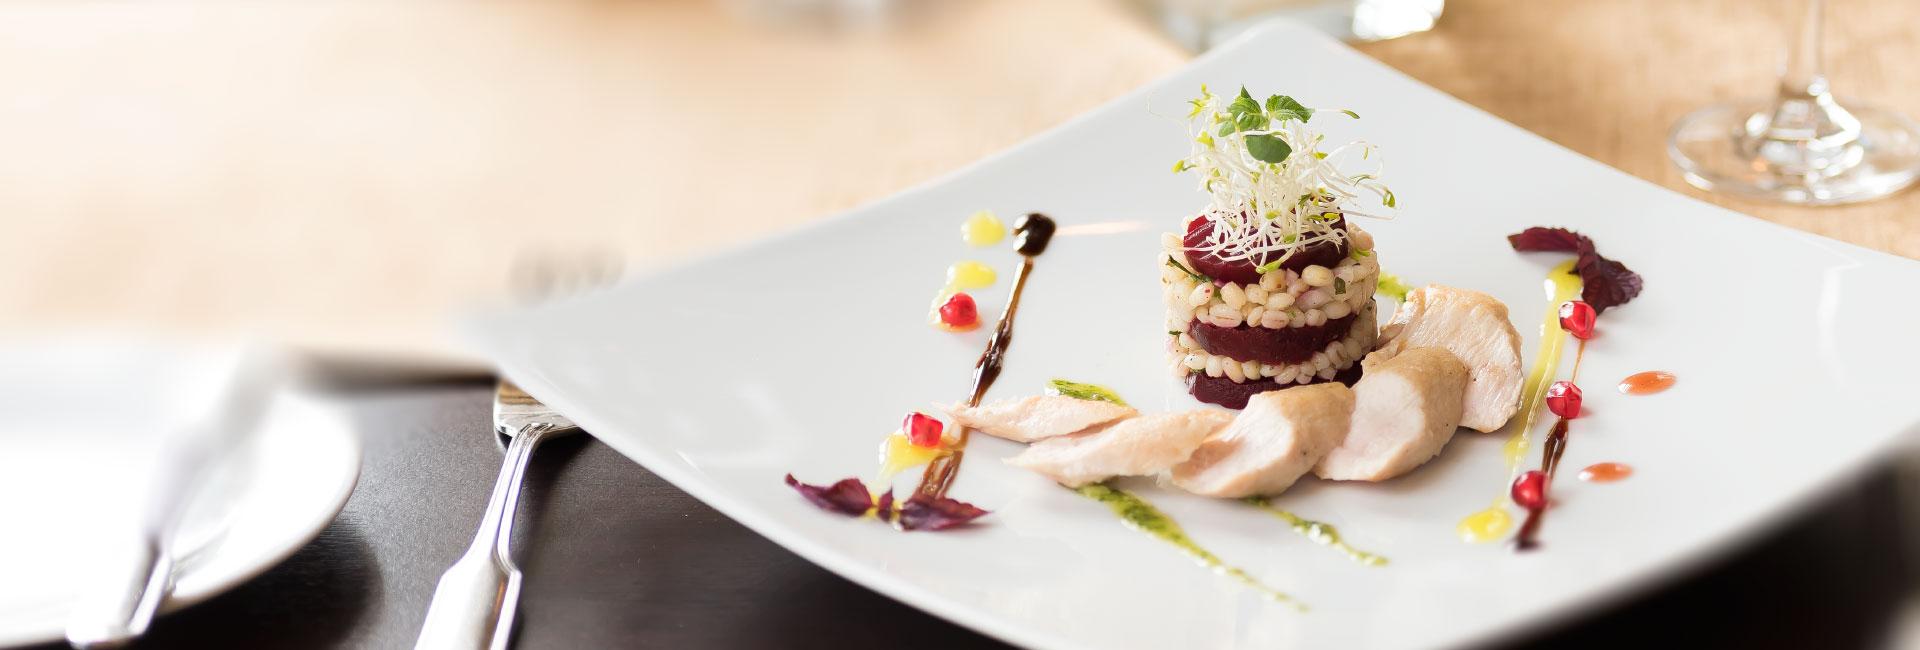 restaurant-heppenheim-teller-slide3